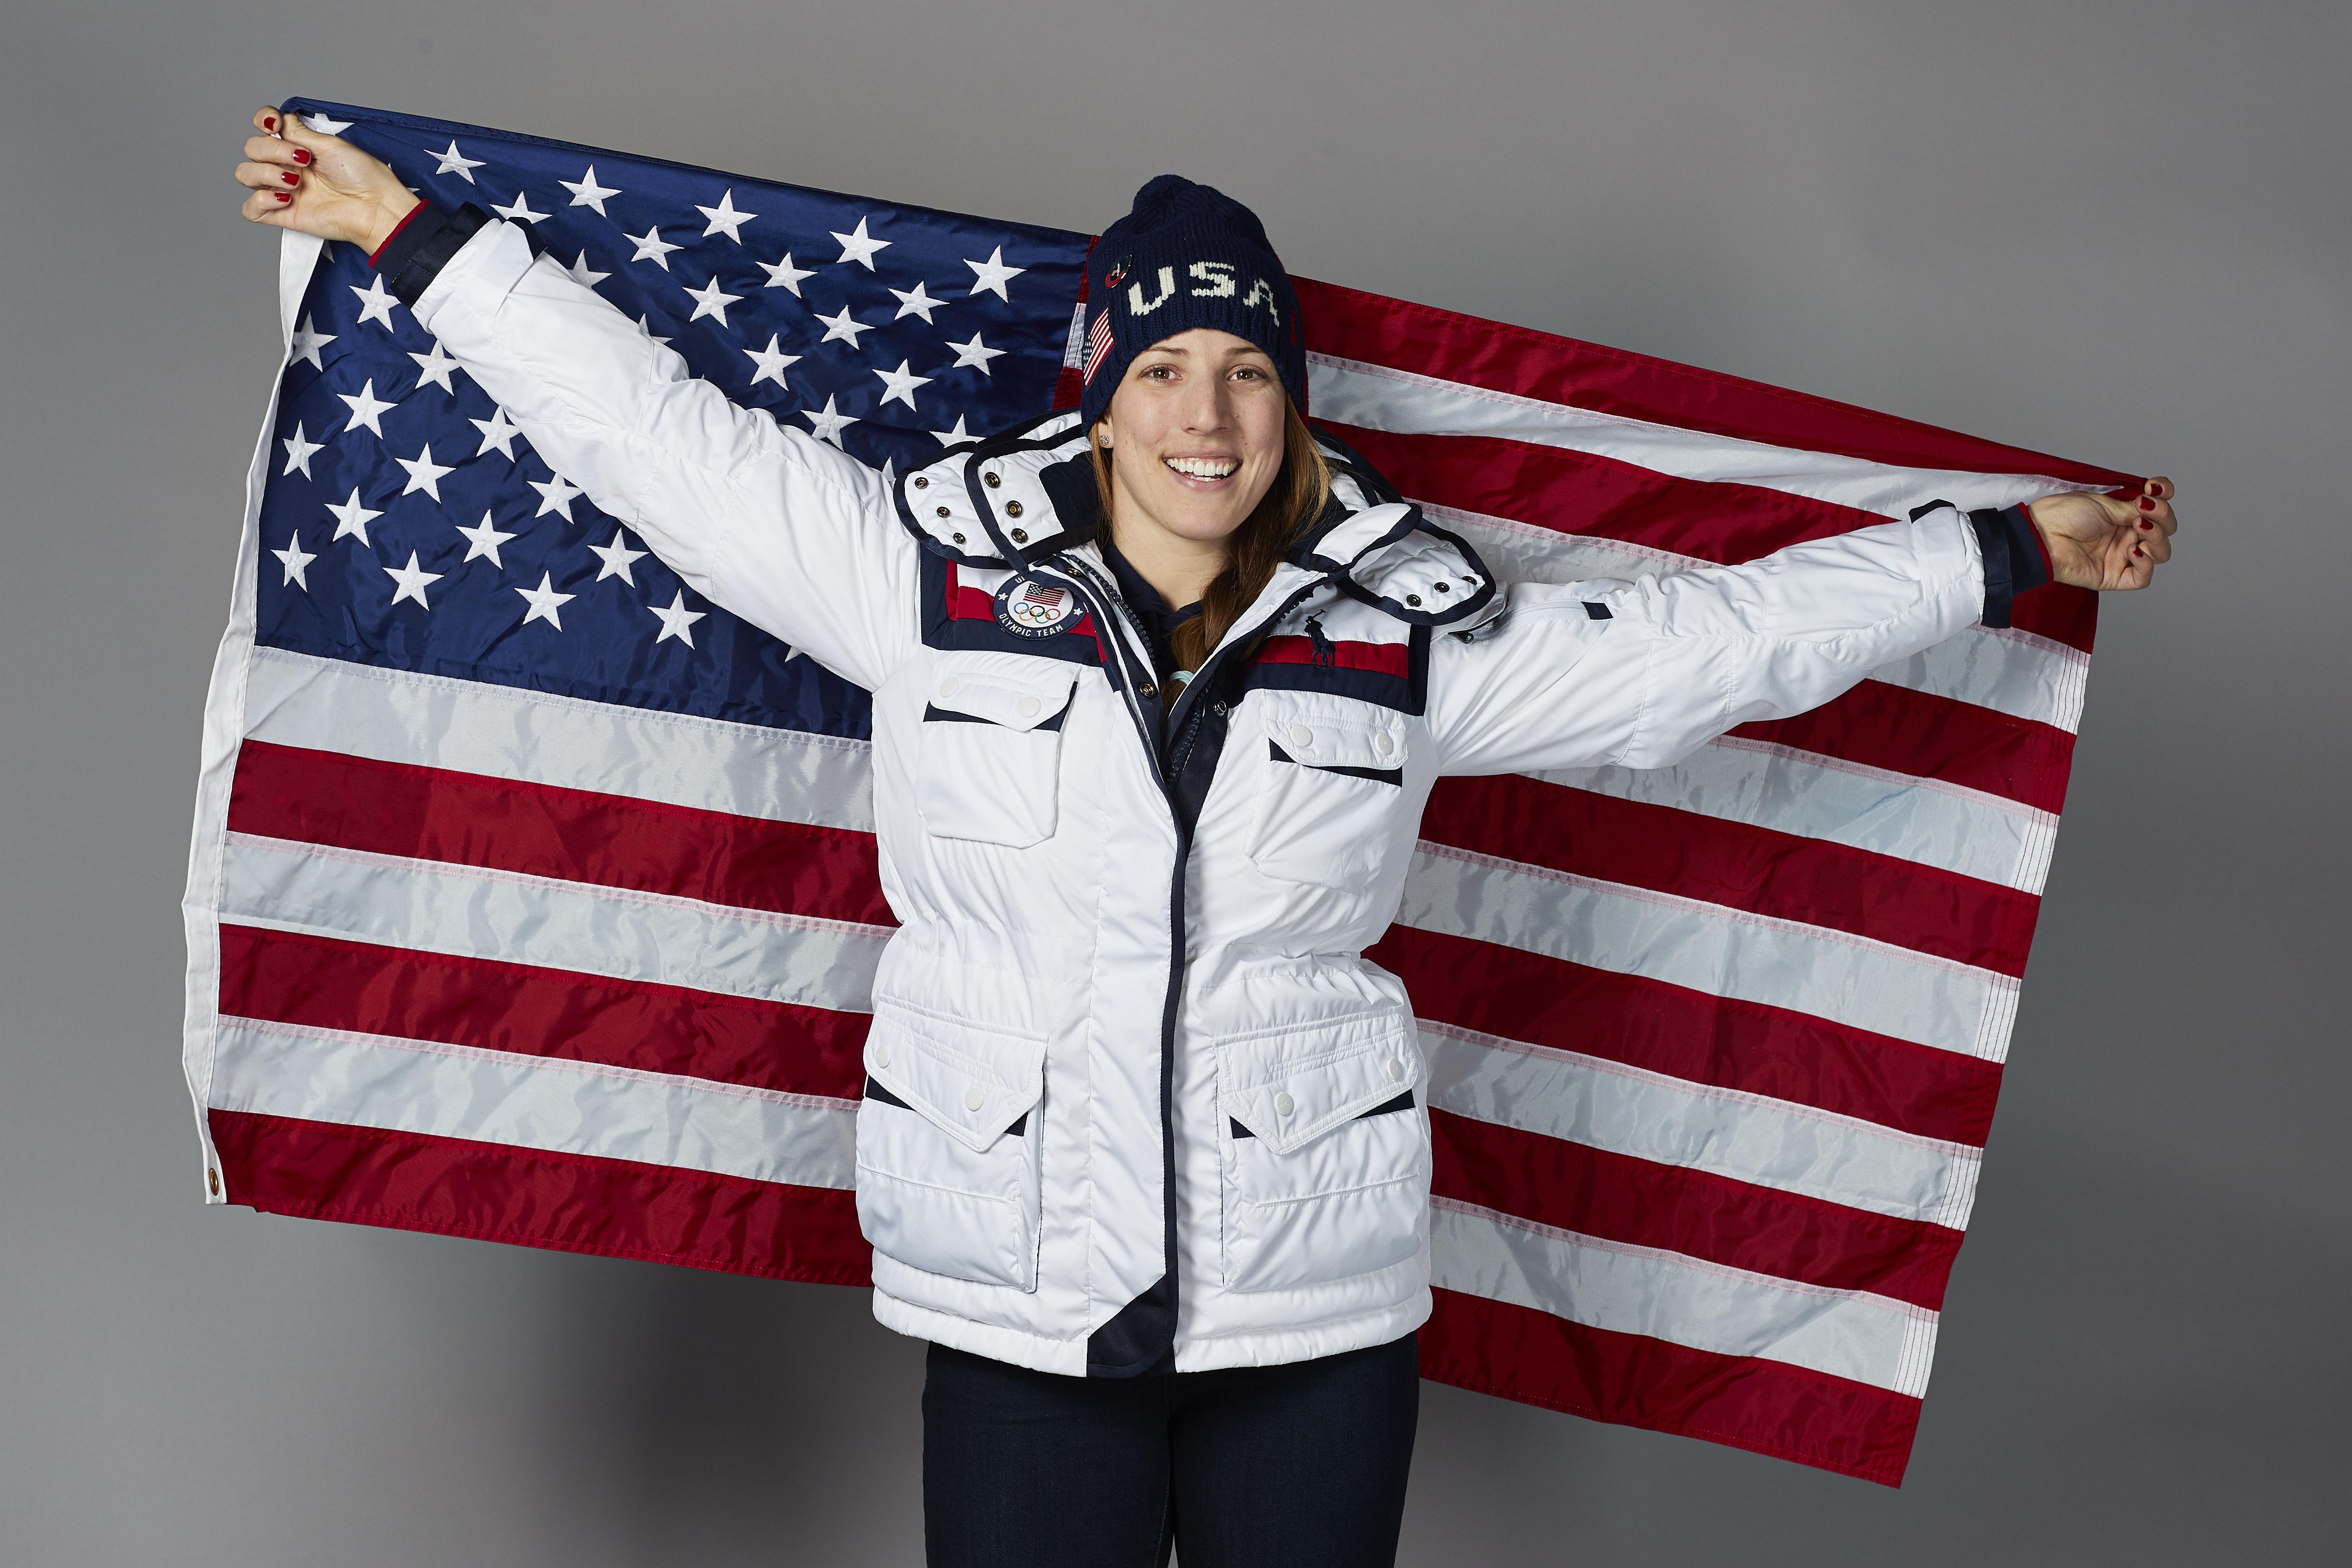 Team USA flag bearer Erin Hamlin poses for a photo on February 8, 2018 in Pyeongchang-gun, South Korea.